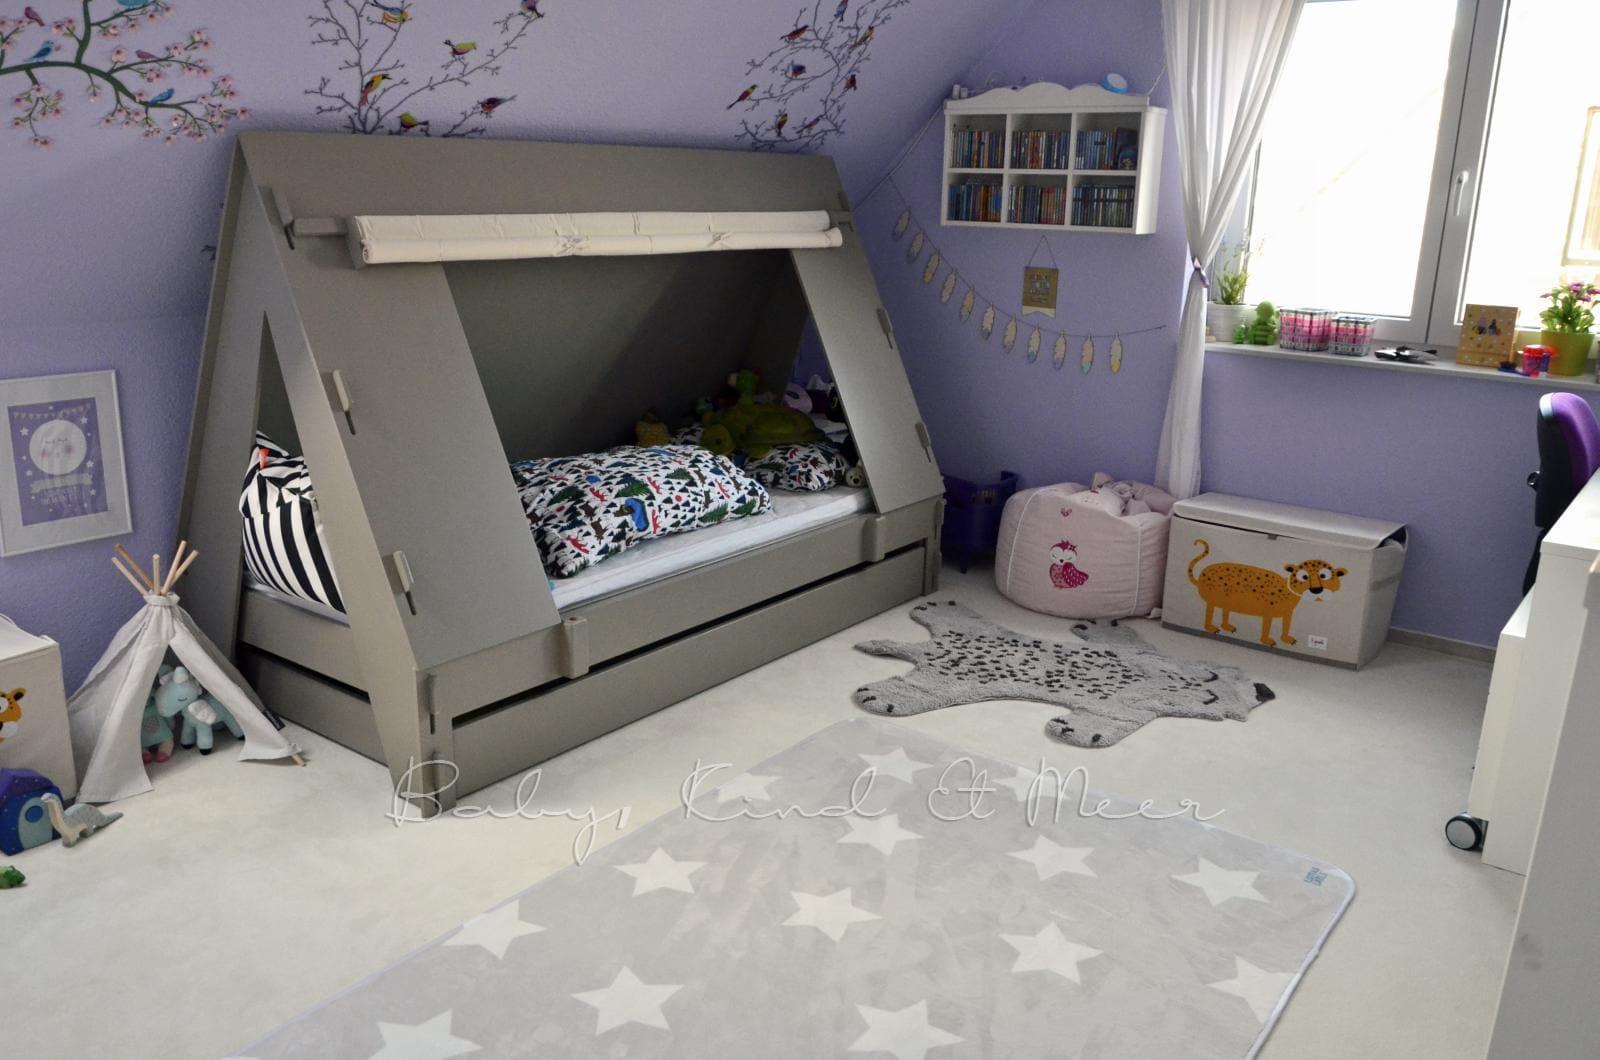 UNSERE NEUEN KINDERZIMMER - Kinderzimmer & Co., Familie - Baby, Kind ...